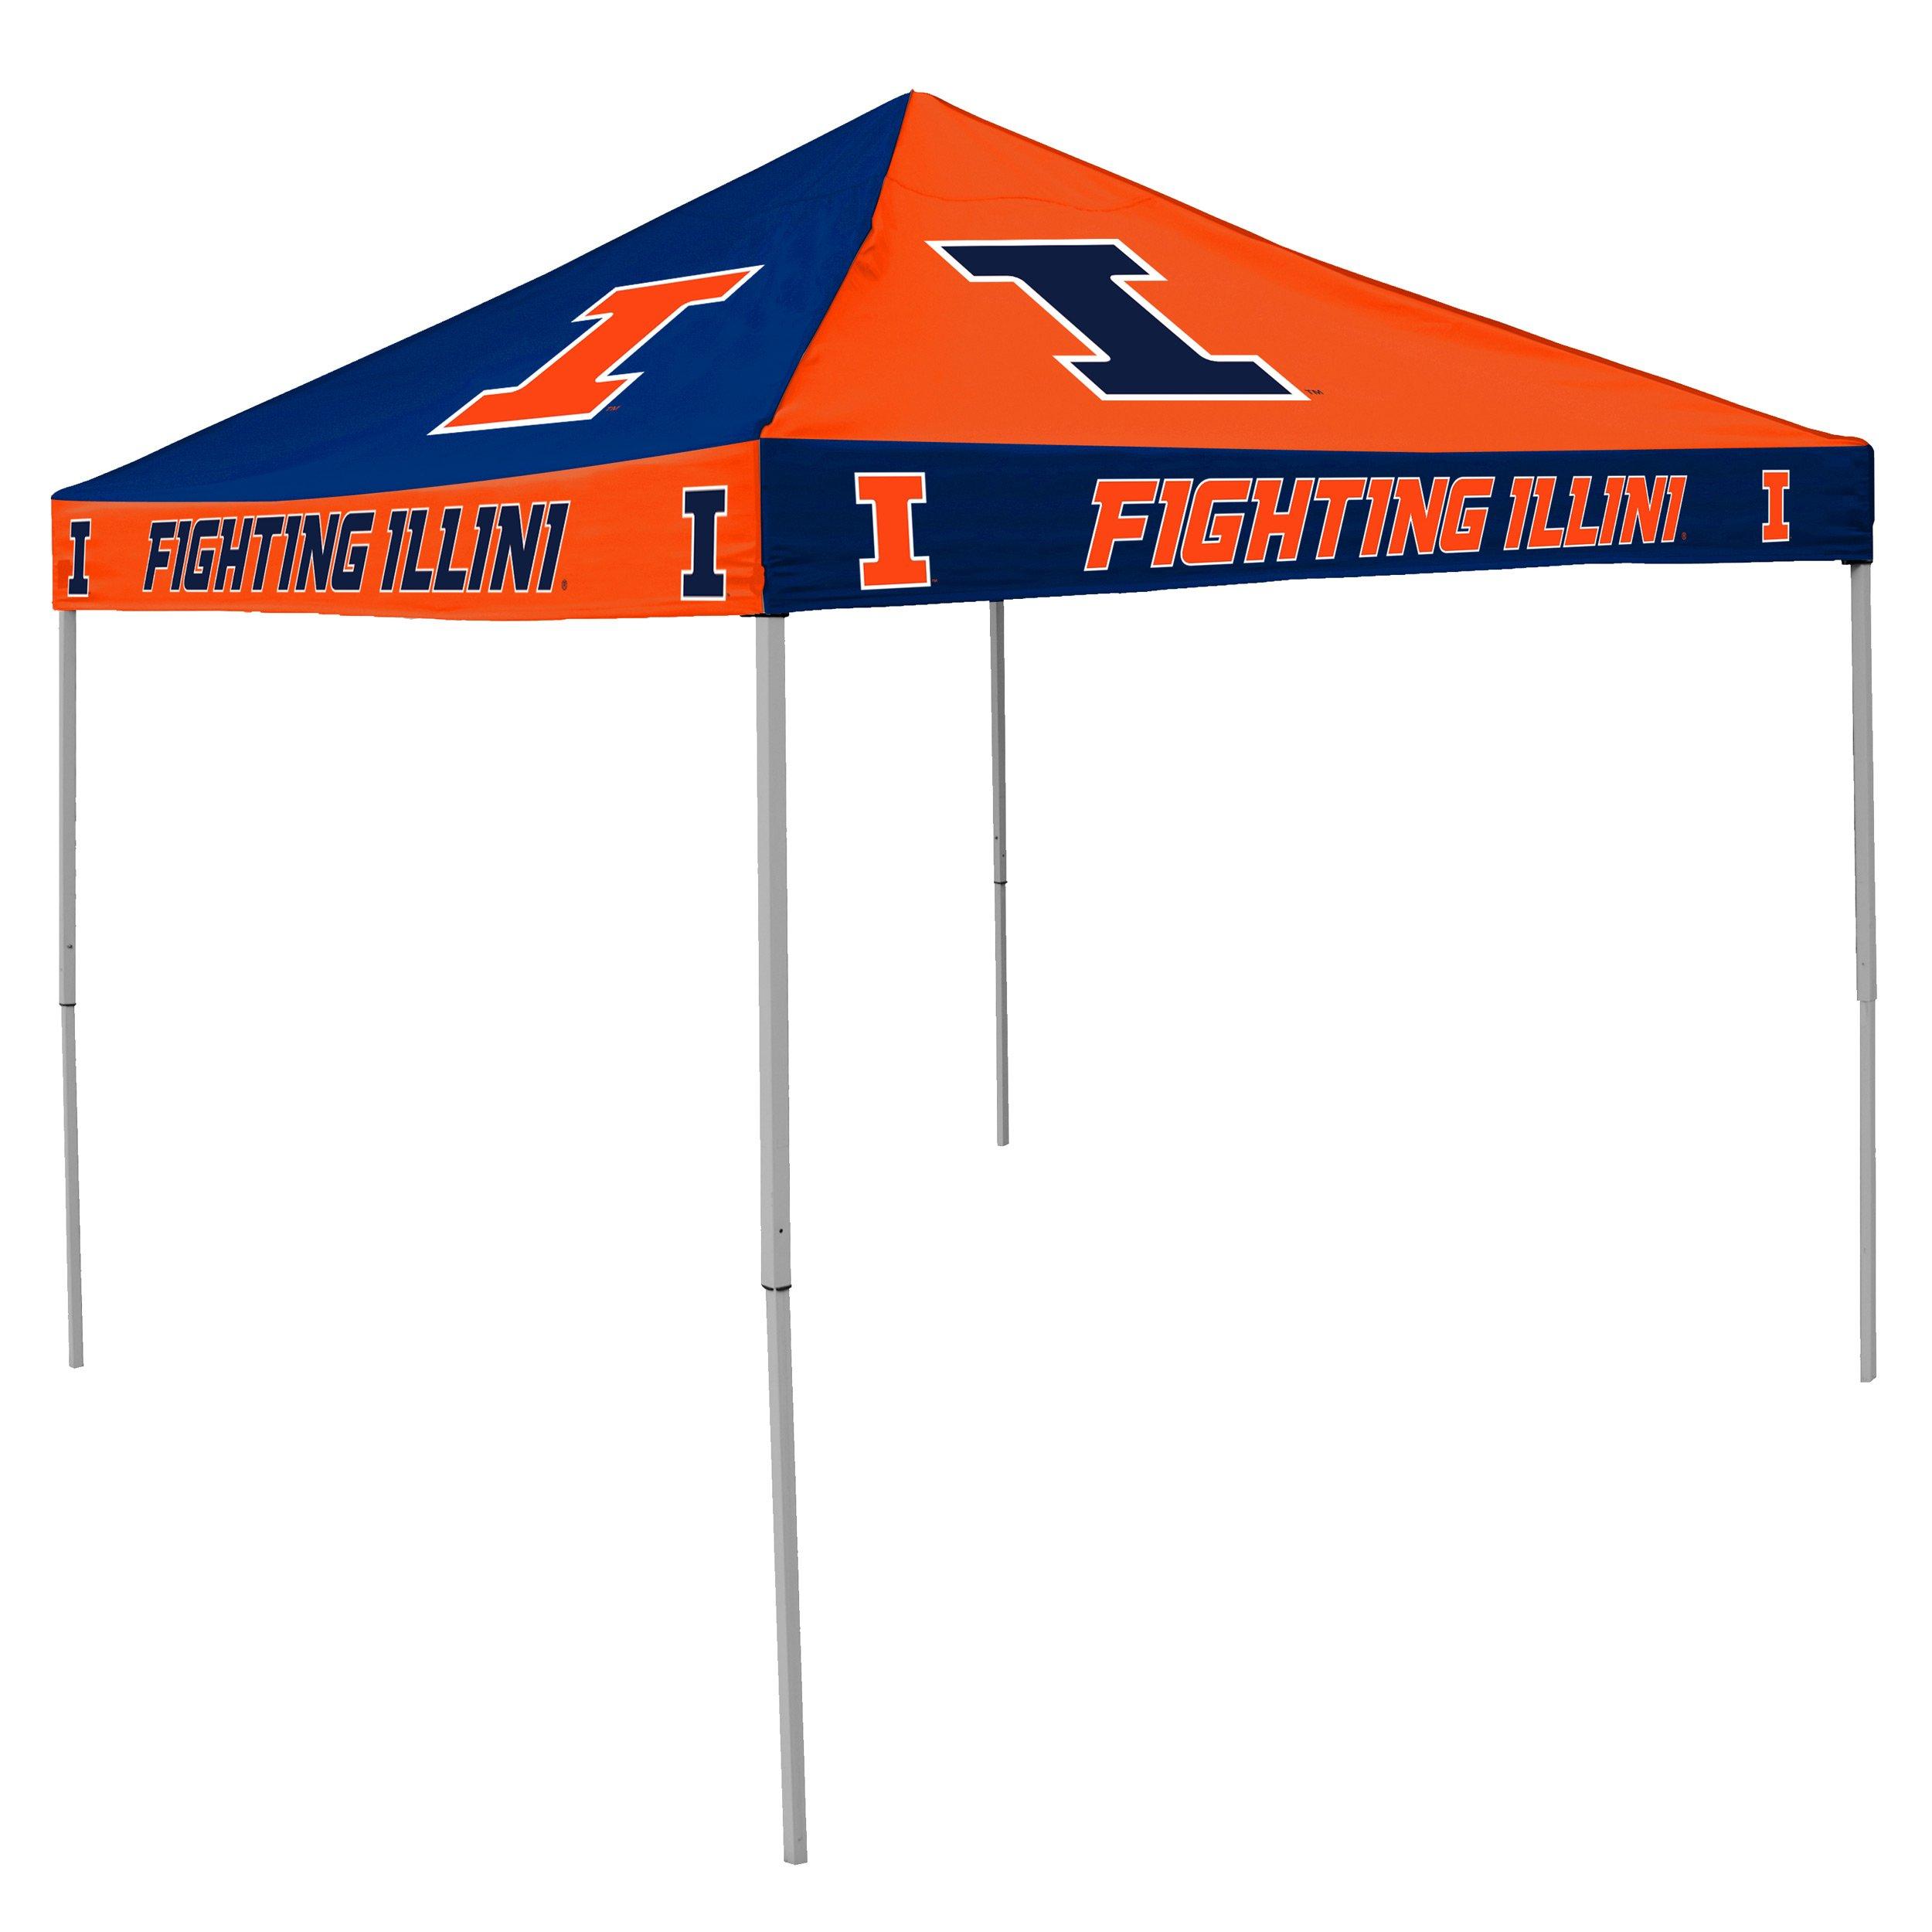 NCAA Illinois Fighting Illini 9-Foot x 9-Foot Pinwheel Tailgating Canopy, Navy/Orange